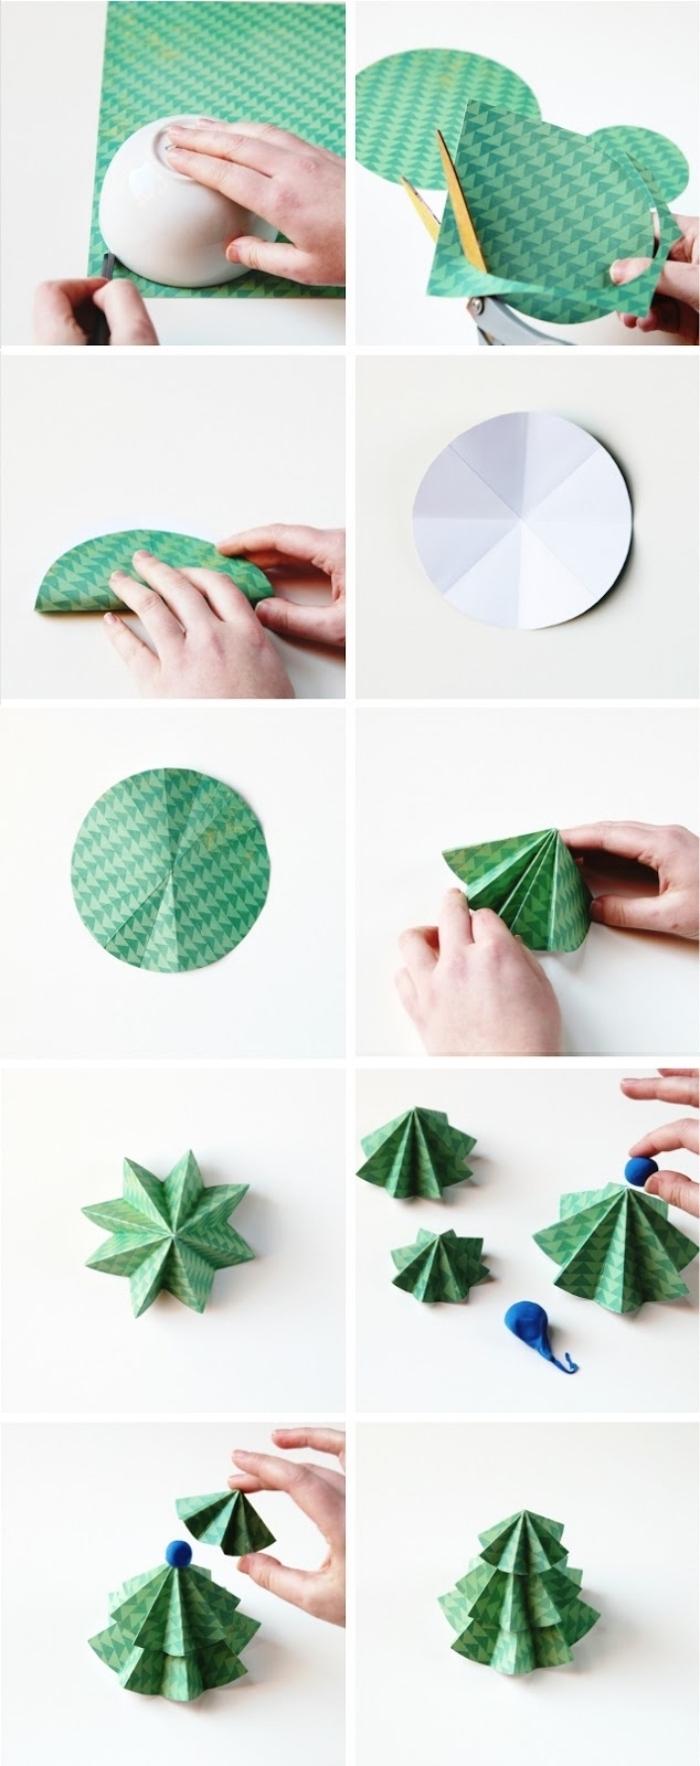 petit sapin de noel en papier réalisé à partir de trois cercles pliés de différents diamètres et empilés l'un sur l'autre